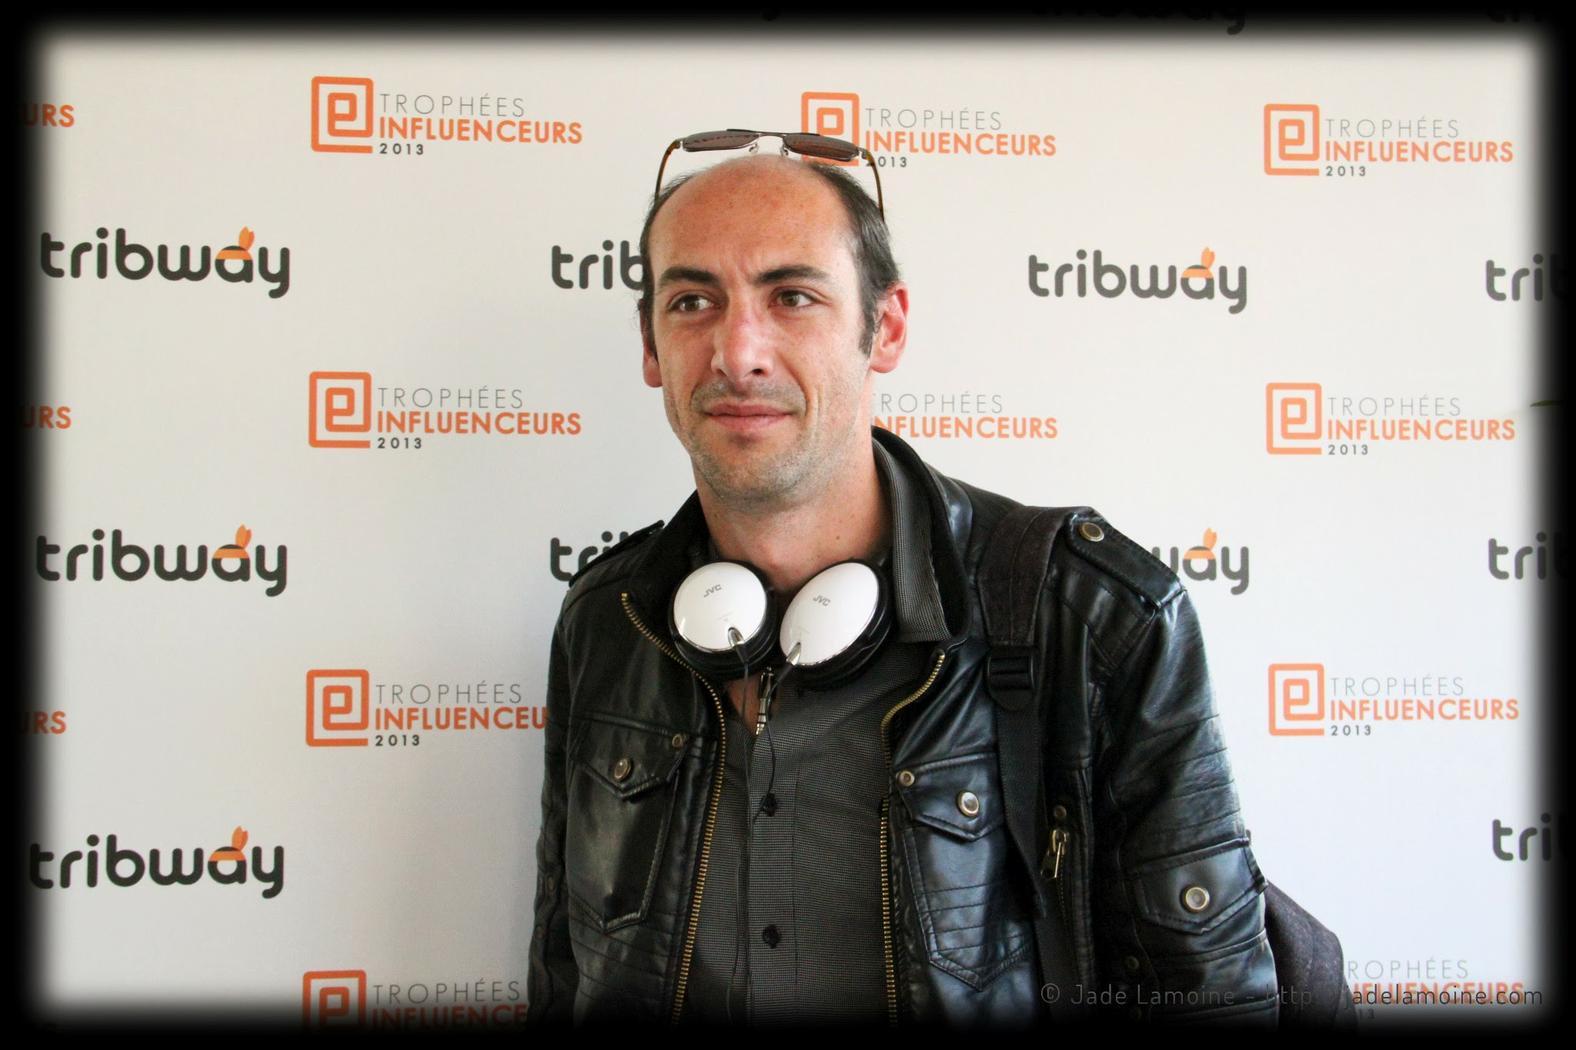 Mathieu Peignen